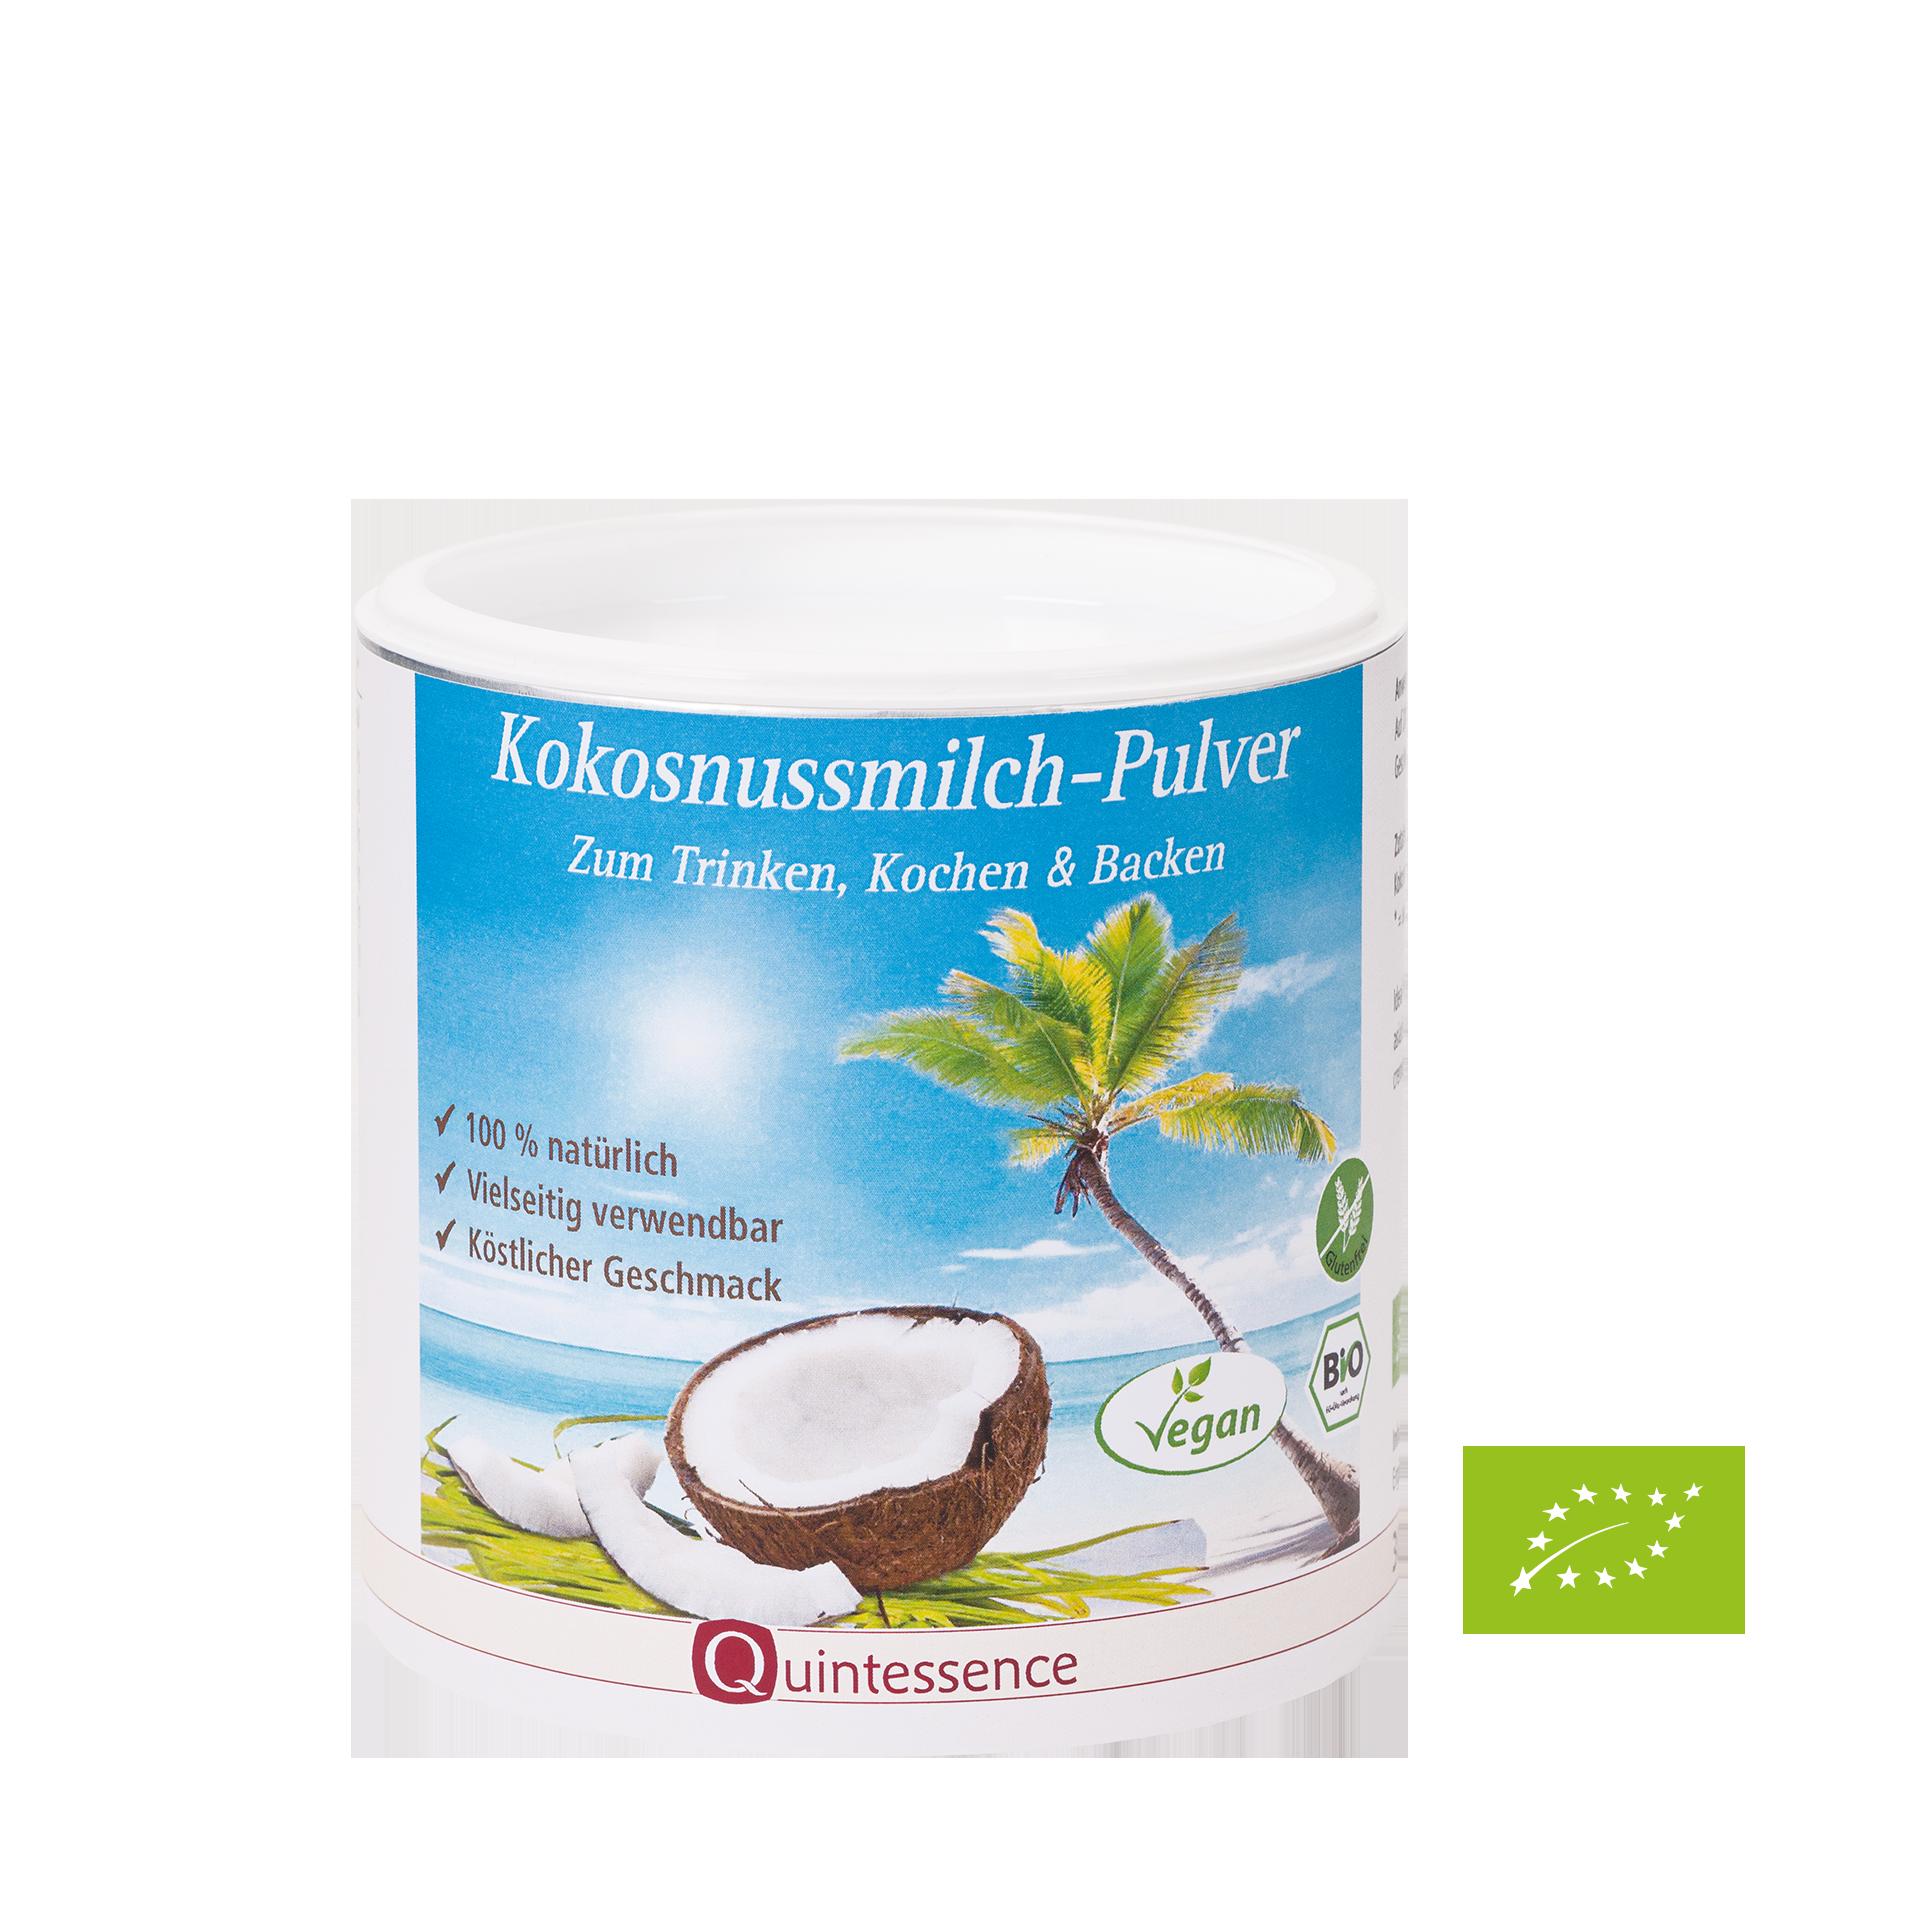 Bio-Kokosnussmilch-Pulver, Quintessence, 300 g